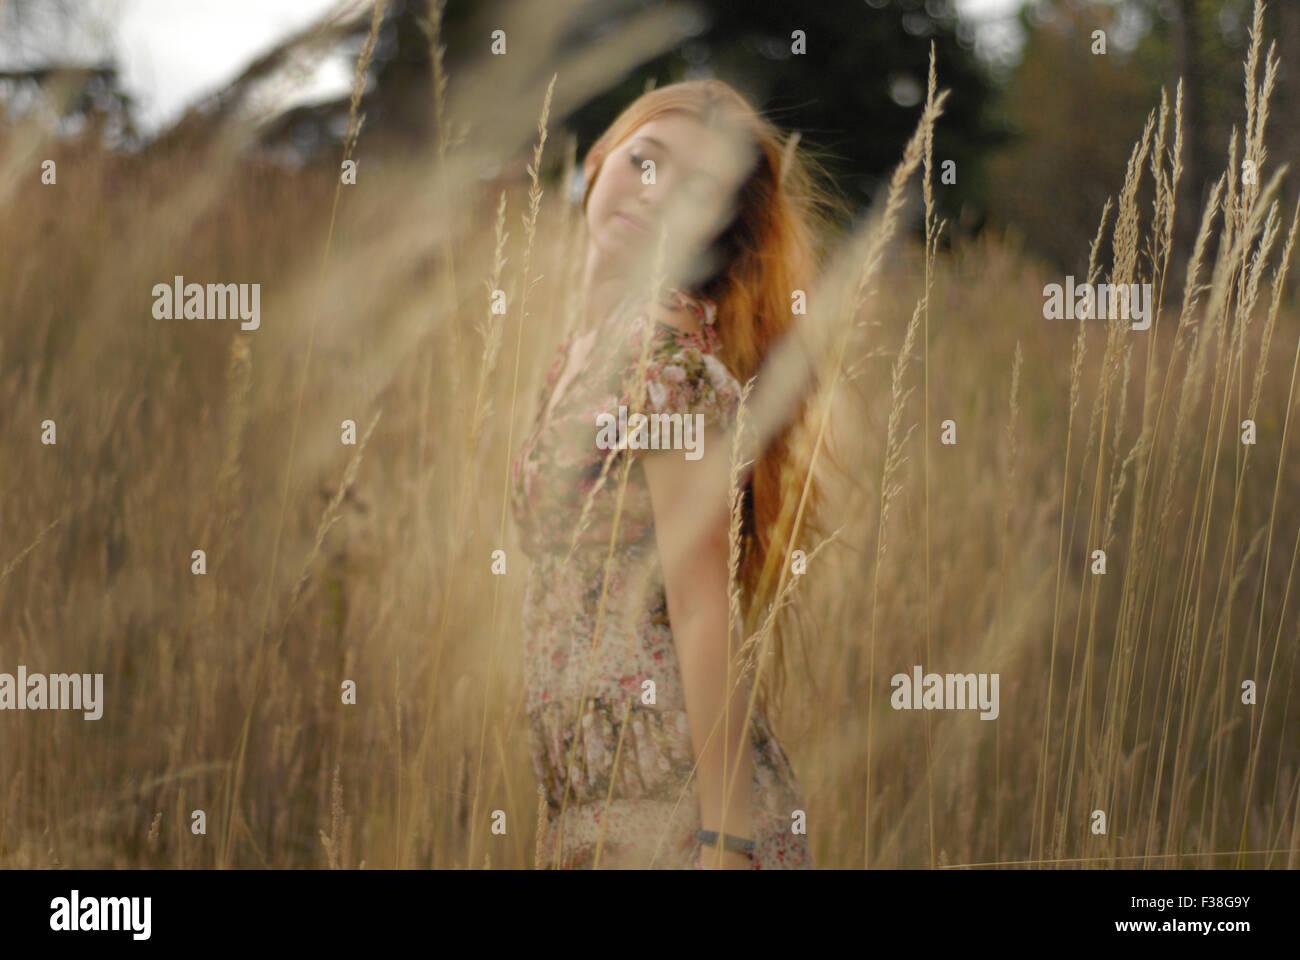 Lo zenzero ragazza tra i campi dorati bel vestito soft air Immagini Stock